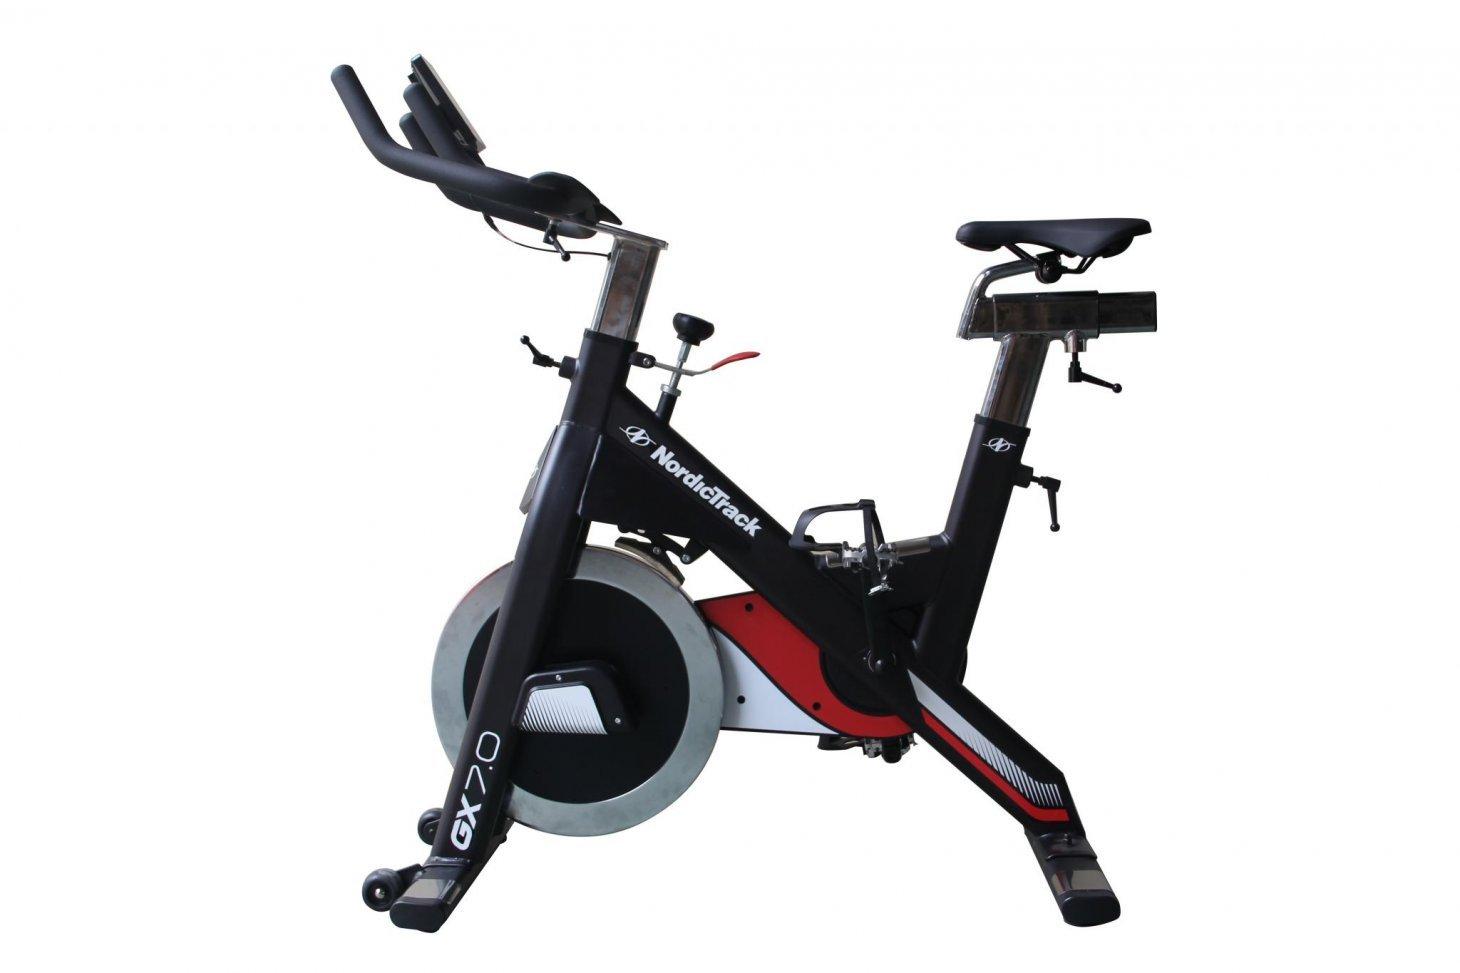 Nordic Track NORDICTRACK - Bicicleta Indoor Gx 7.0: Amazon.es: Deportes y aire libre